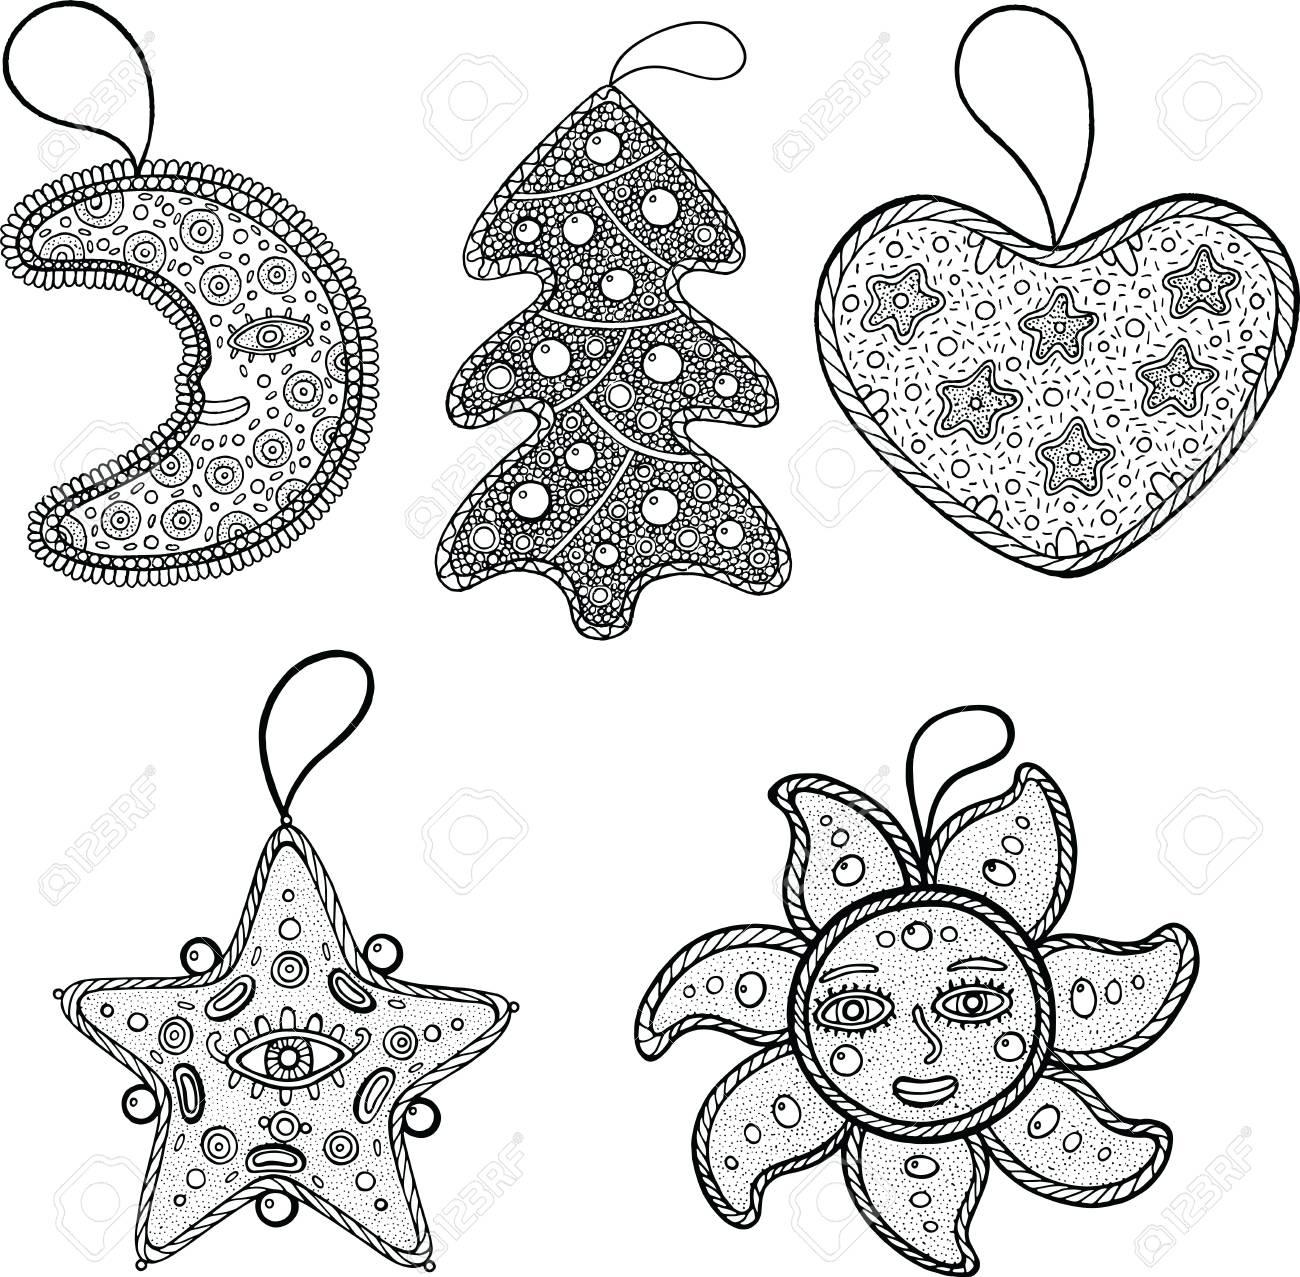 Satz Weihnachtsdekoration Für Weihnachtsbaum - Stern, Mond, Sonne ...